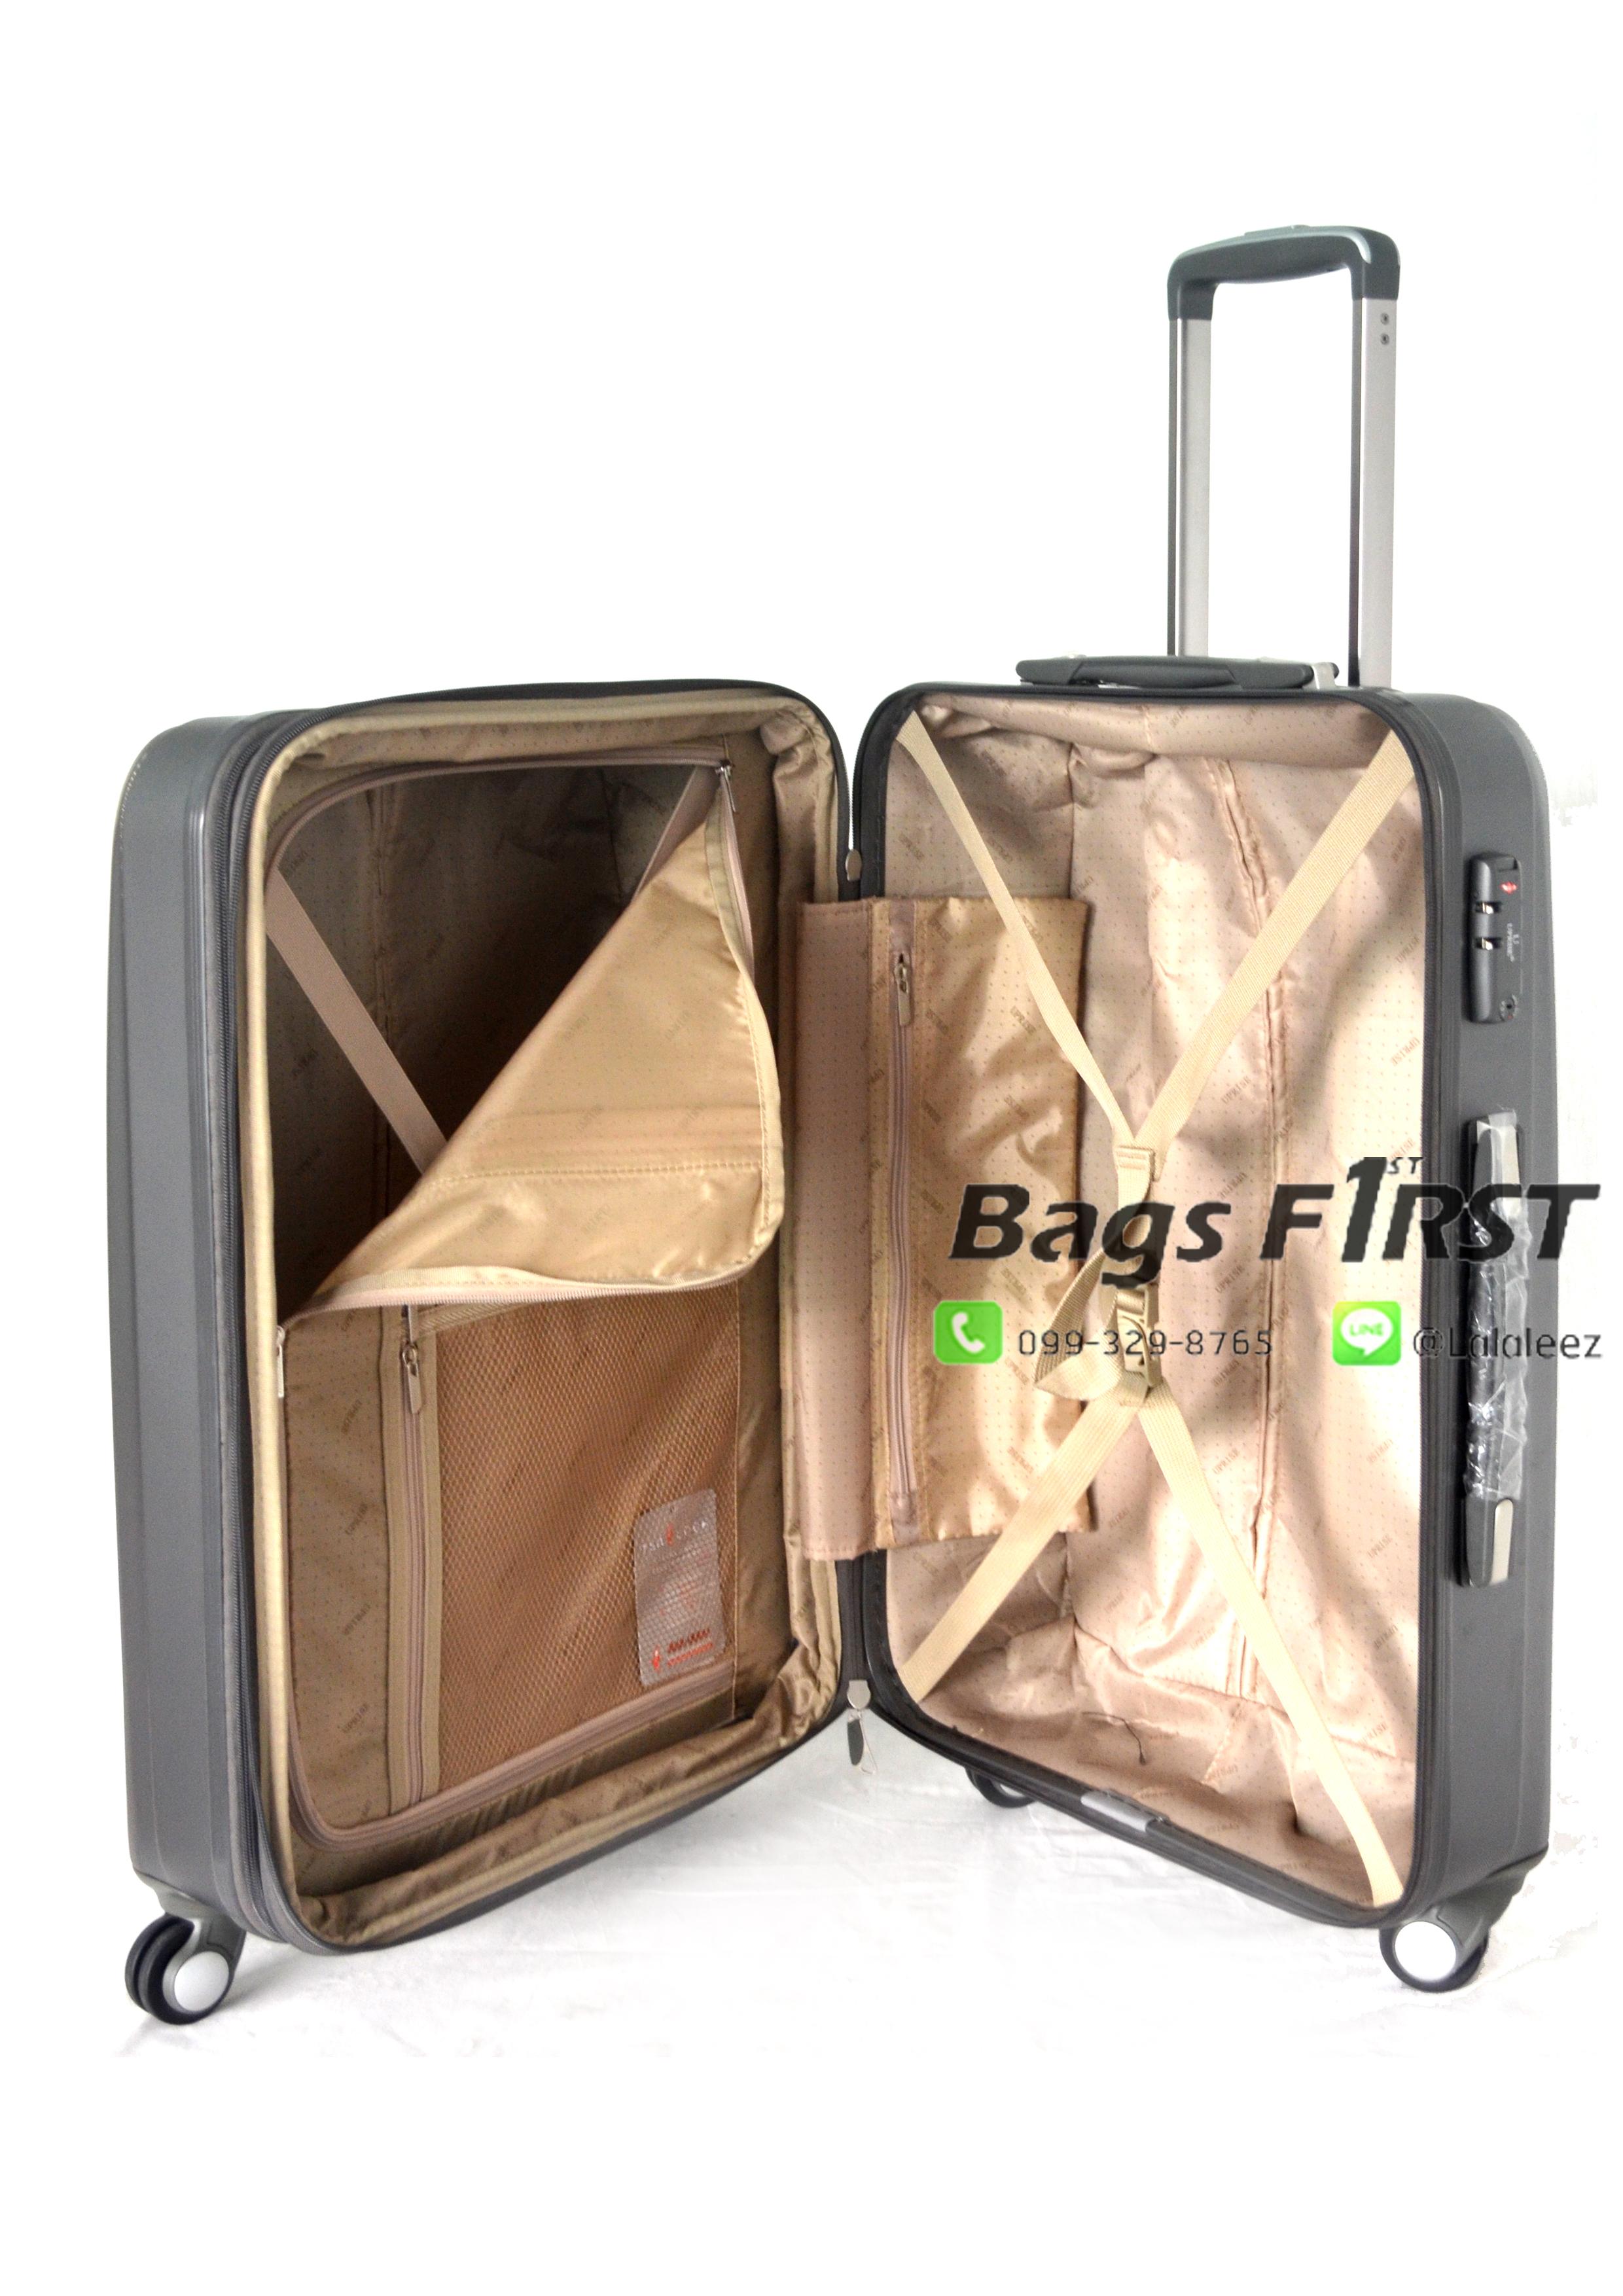 กระเป๋าเดินทางราคาถูก กระเป๋าเดินทาง20นิ้ว กระเป๋าเดินทาง24นิ้ว กระเป๋าเดินทาง28นิ้ว กระเป๋าเดินทางขึ้นเครื่อง